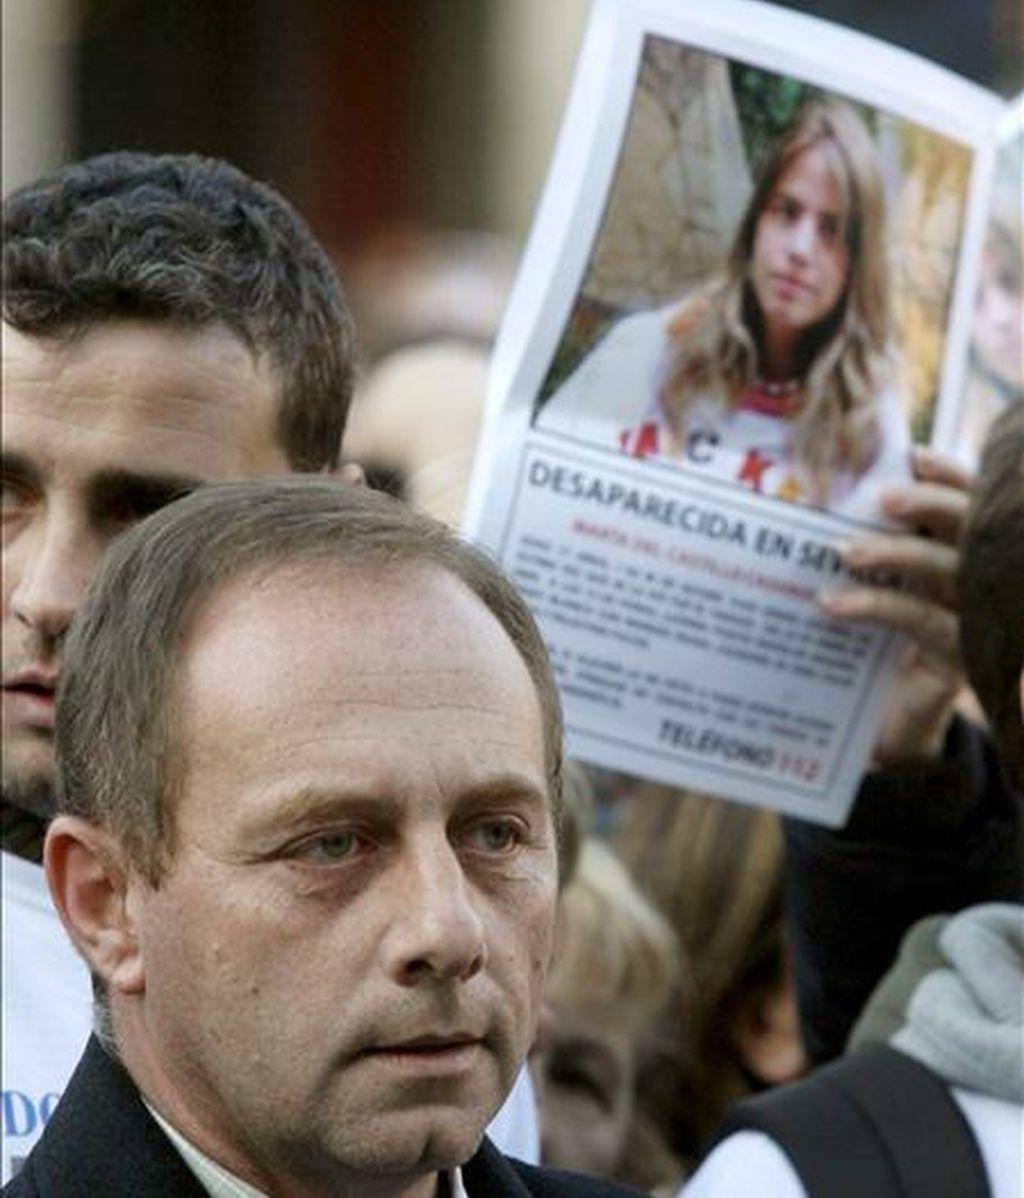 Imagen de archivo (Madrid, 21/02/09), de Antonio del Castillo, padre de Marta del Castillo, durante una manifestación convocada en la Plaza Mayor de Madrid en apoyo de la familia de la víctima. EFE/Archivo